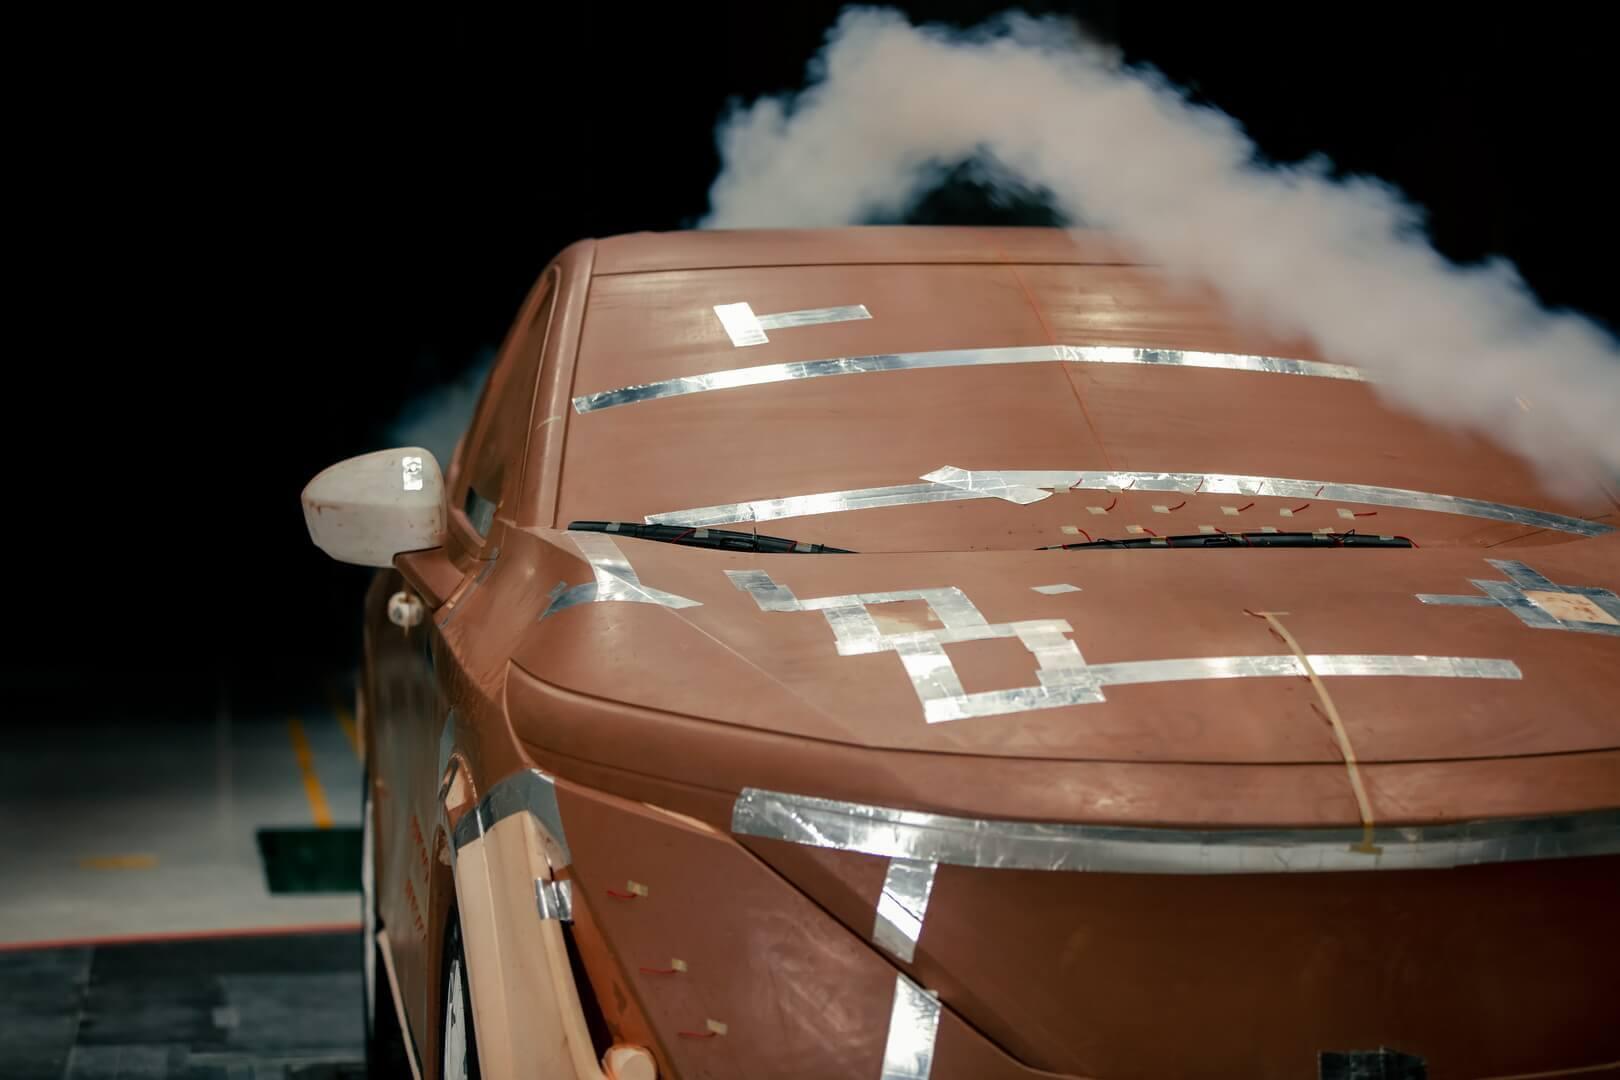 Форма кузова Ariya позволяет легко рассекать воздух и максимально увеличить эффективность